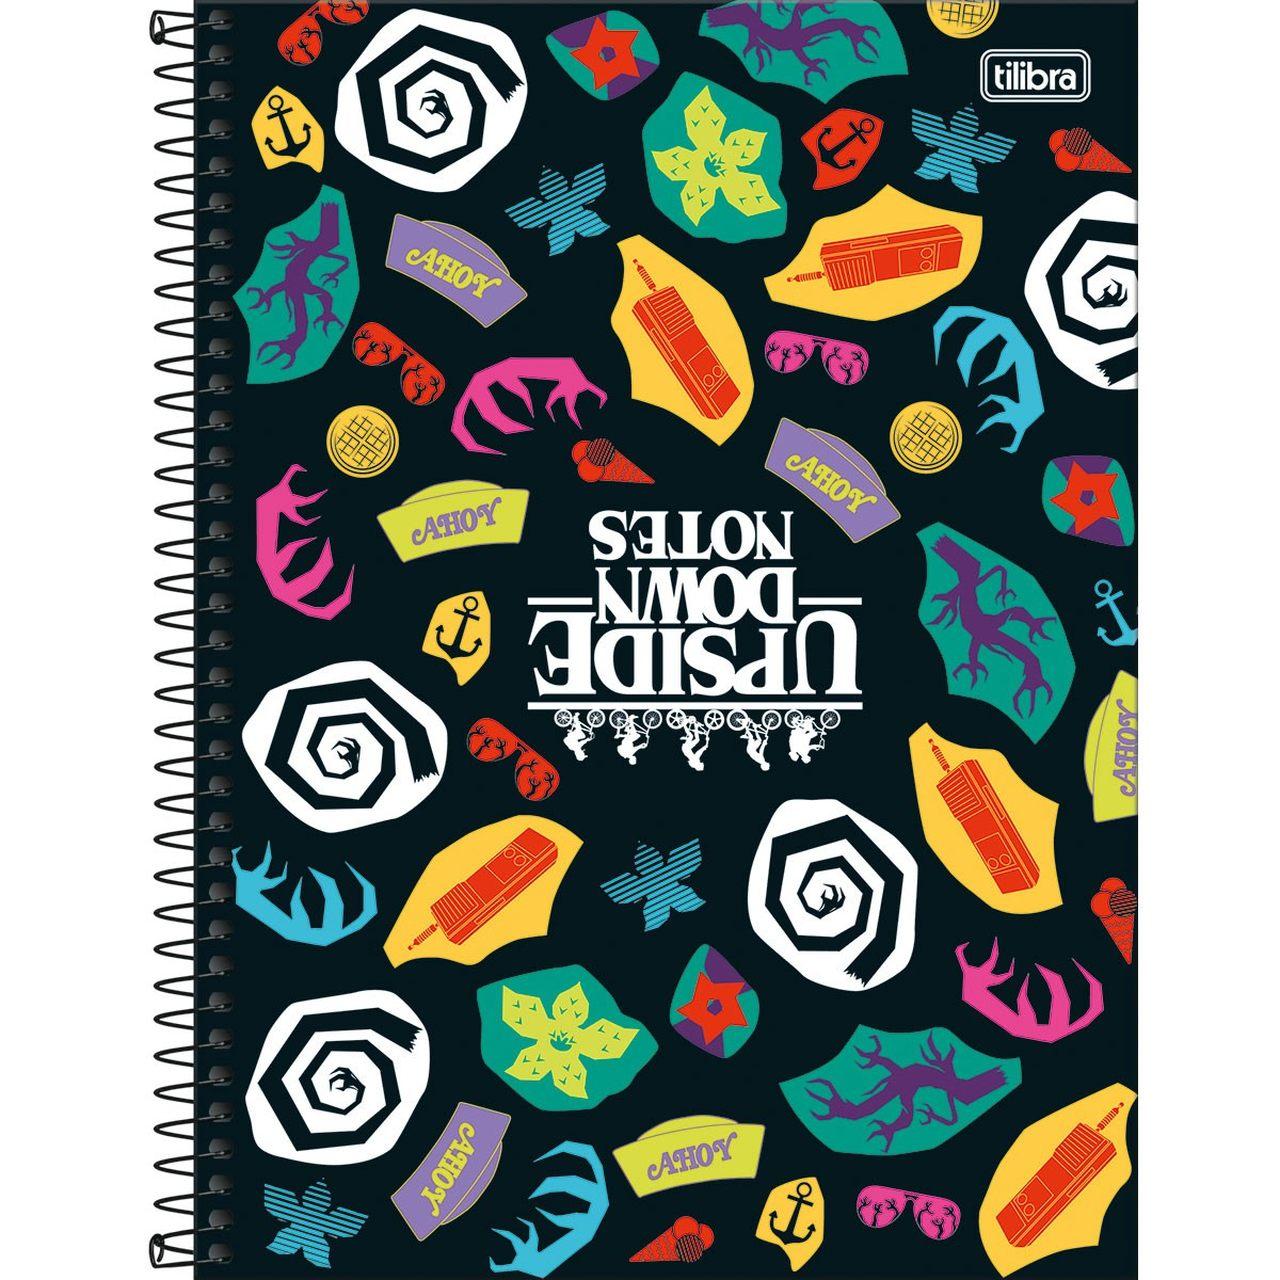 Caderno Espiral Capa Dura Universitário 20 Matéria Stranger Things Upside Down Notes 320 Folhas